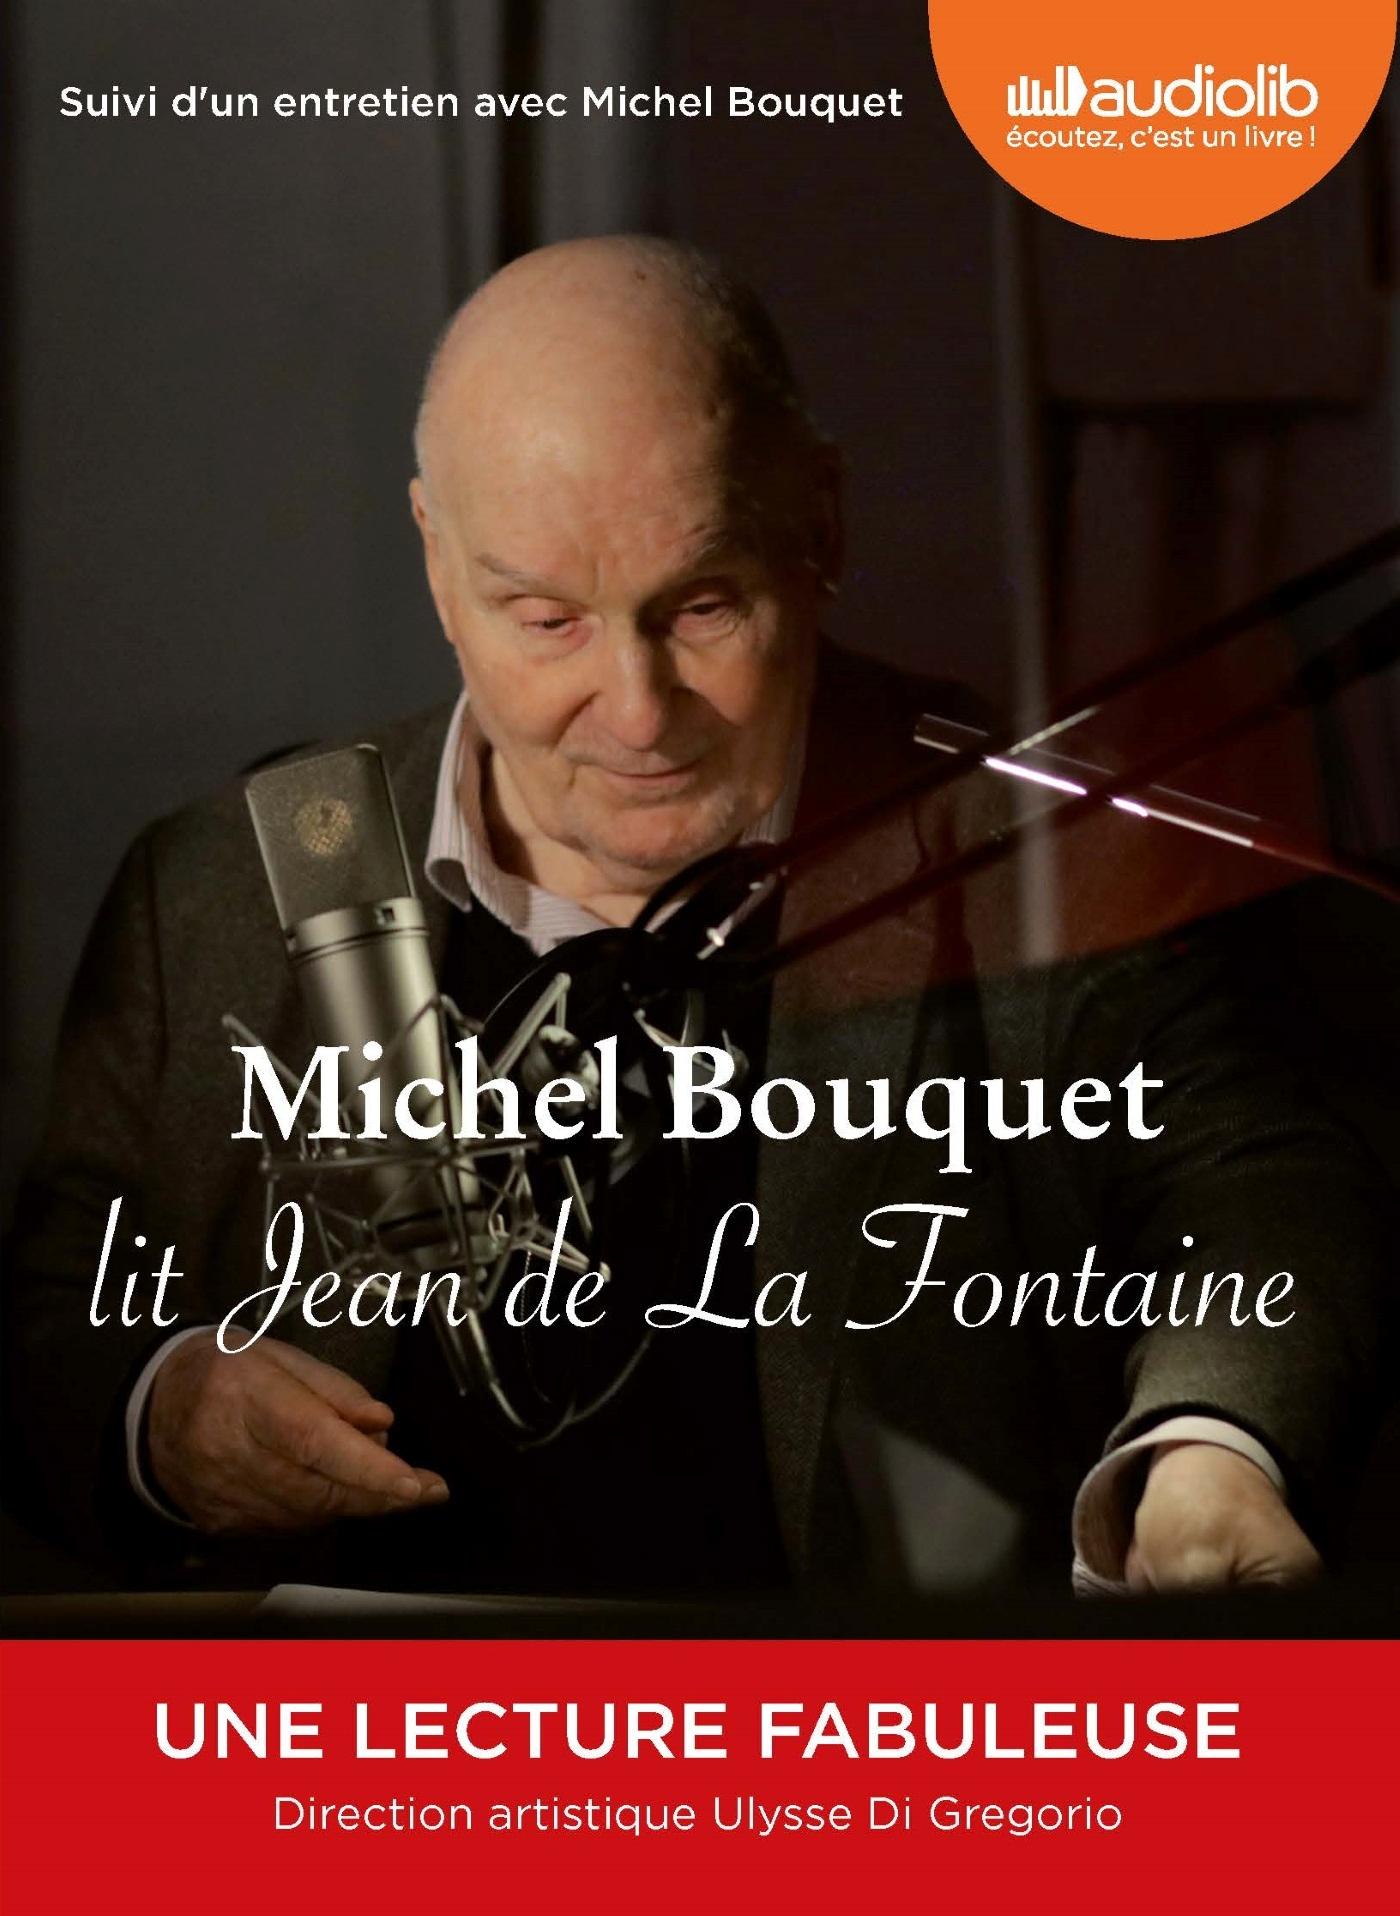 Michel Bouquet lit Jean de la Fontaine